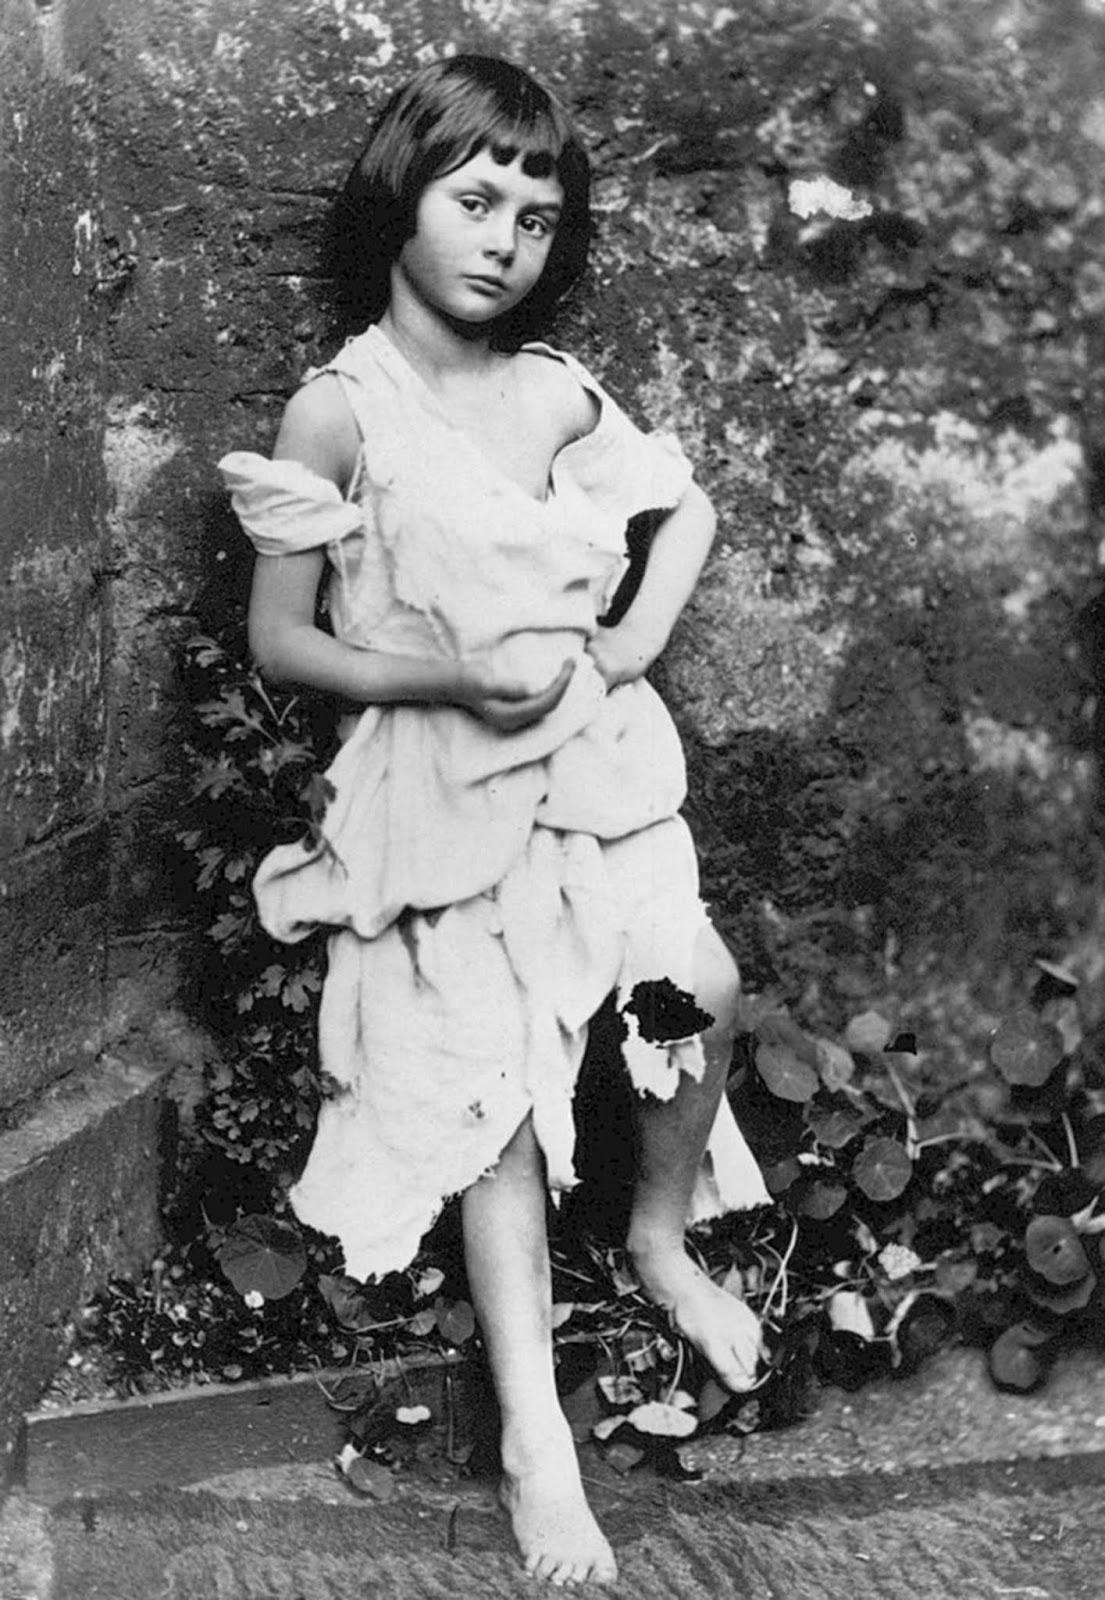 19세기 최고의 어린이 사진작가 이상한 나라의 루이스 캐럴과 논란